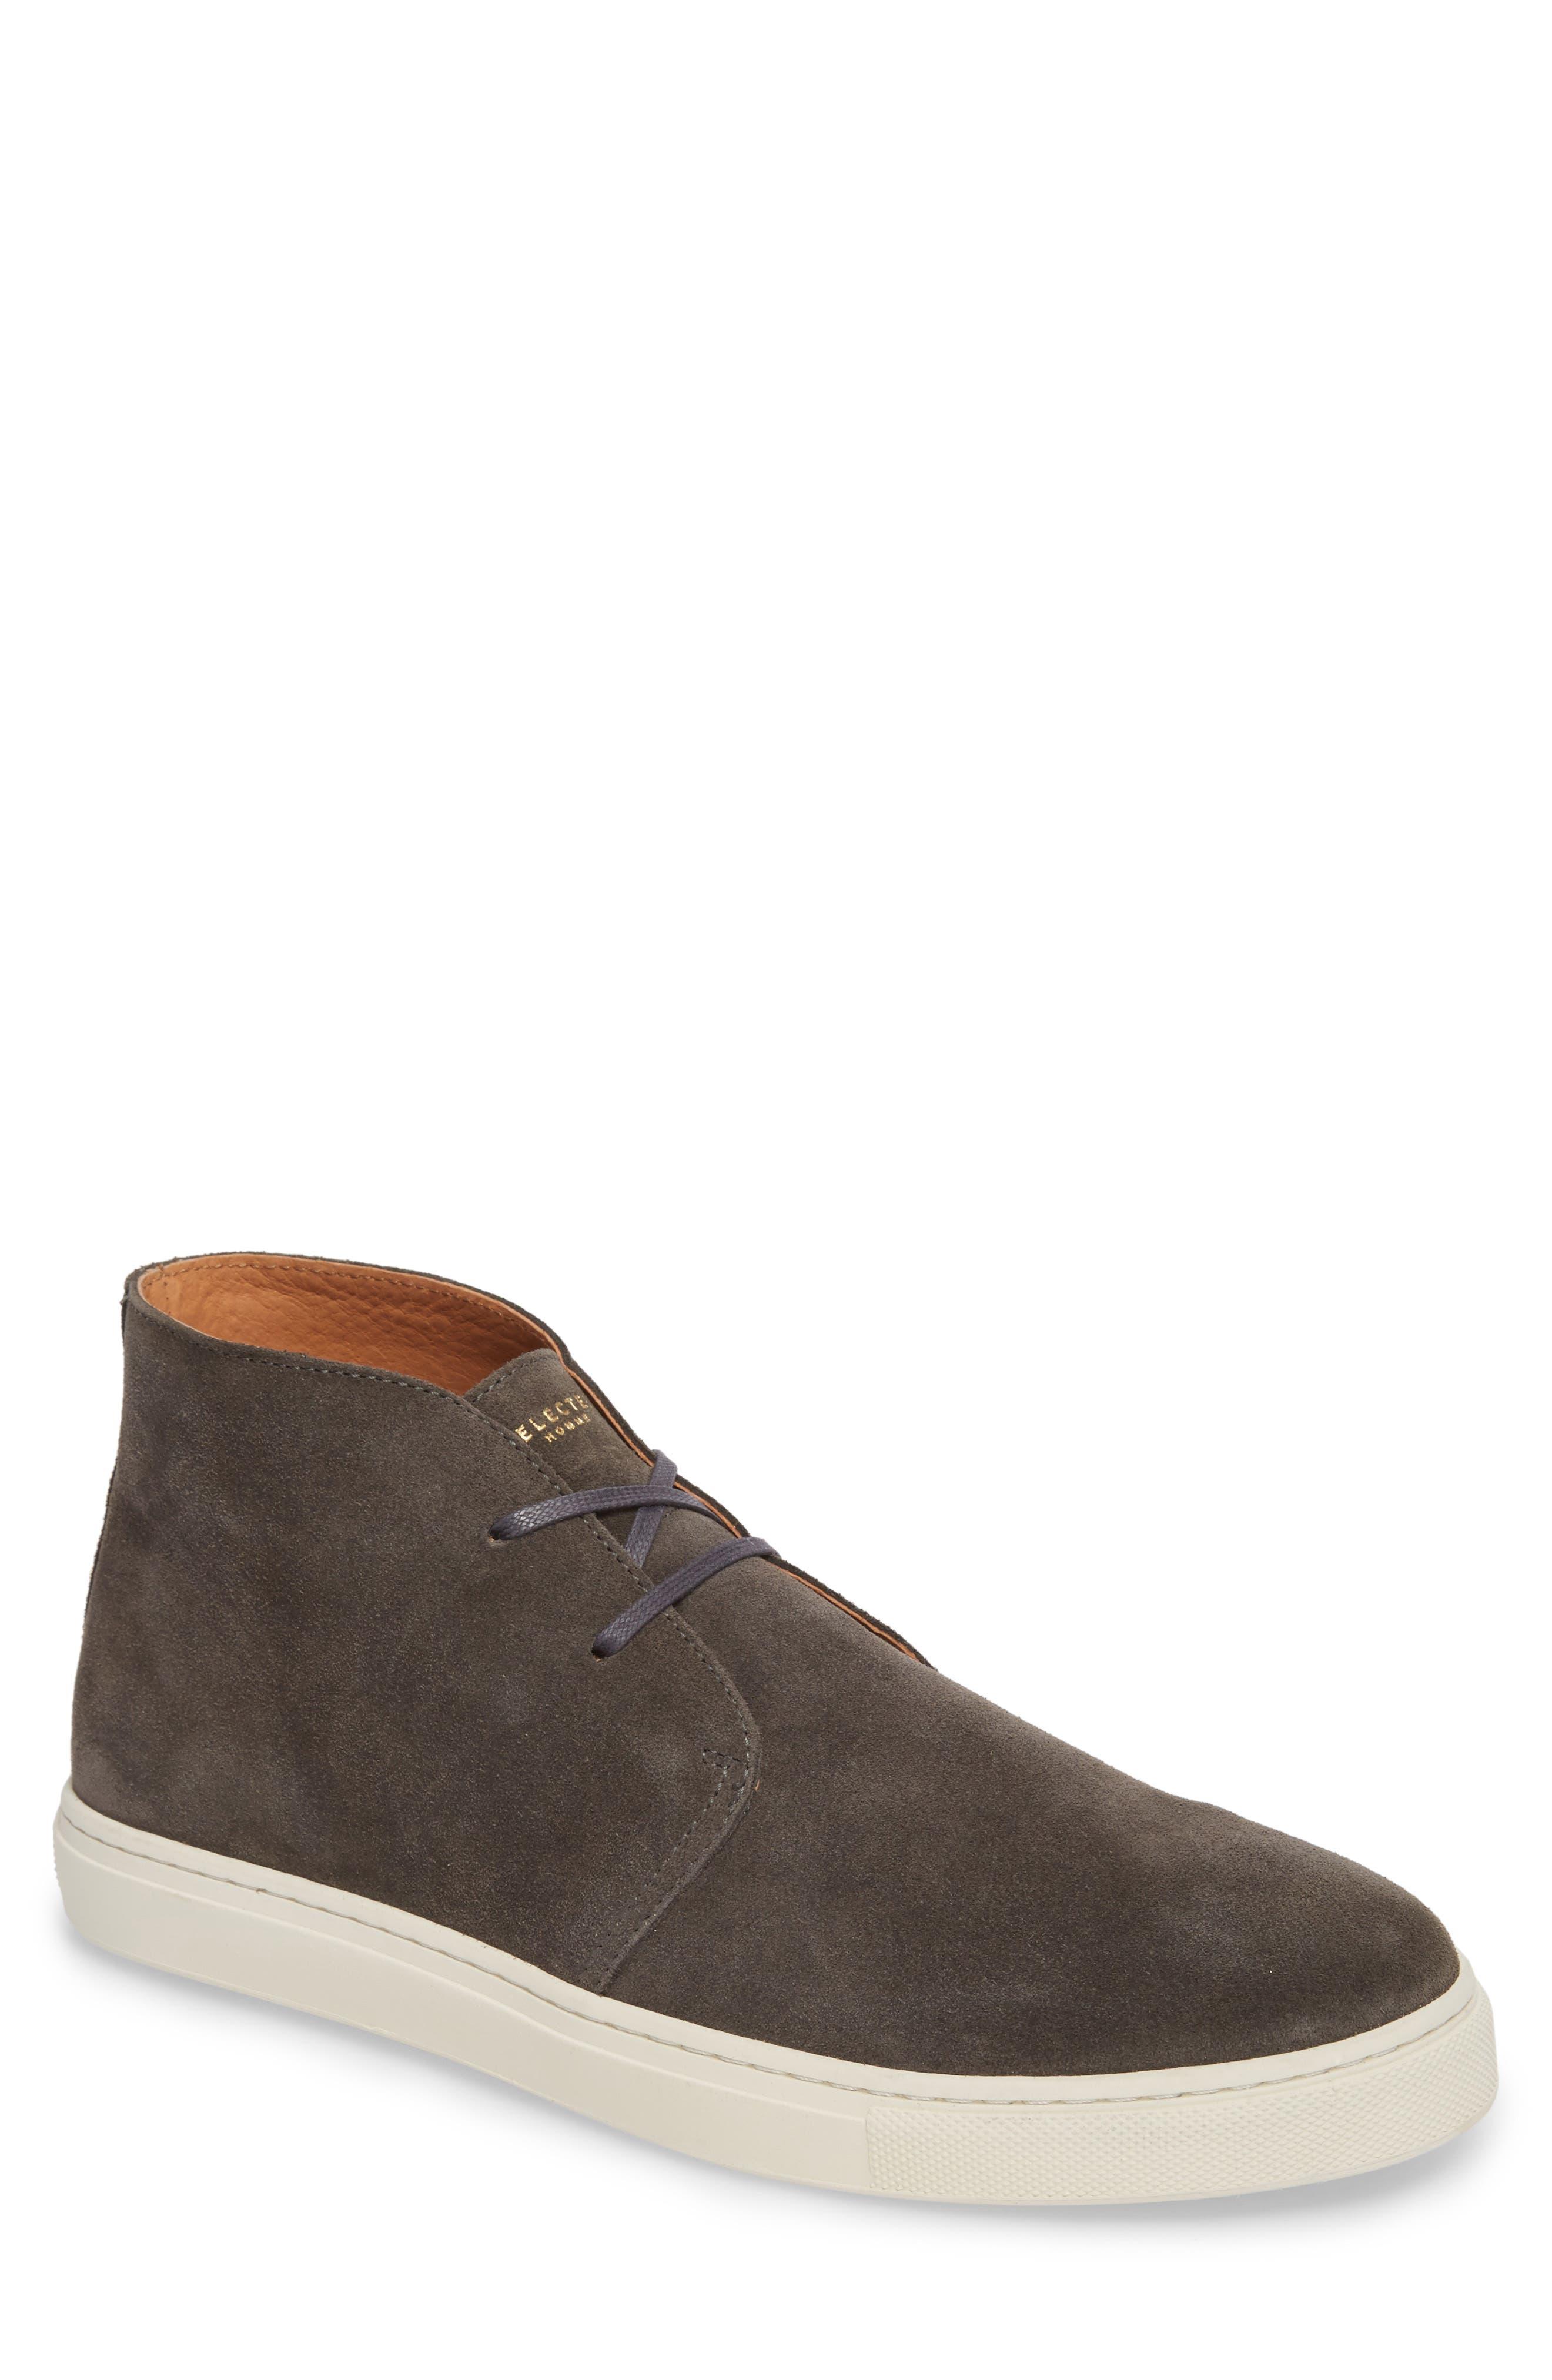 Dempsey Chukka Sneaker,                         Main,                         color, Grey Suede